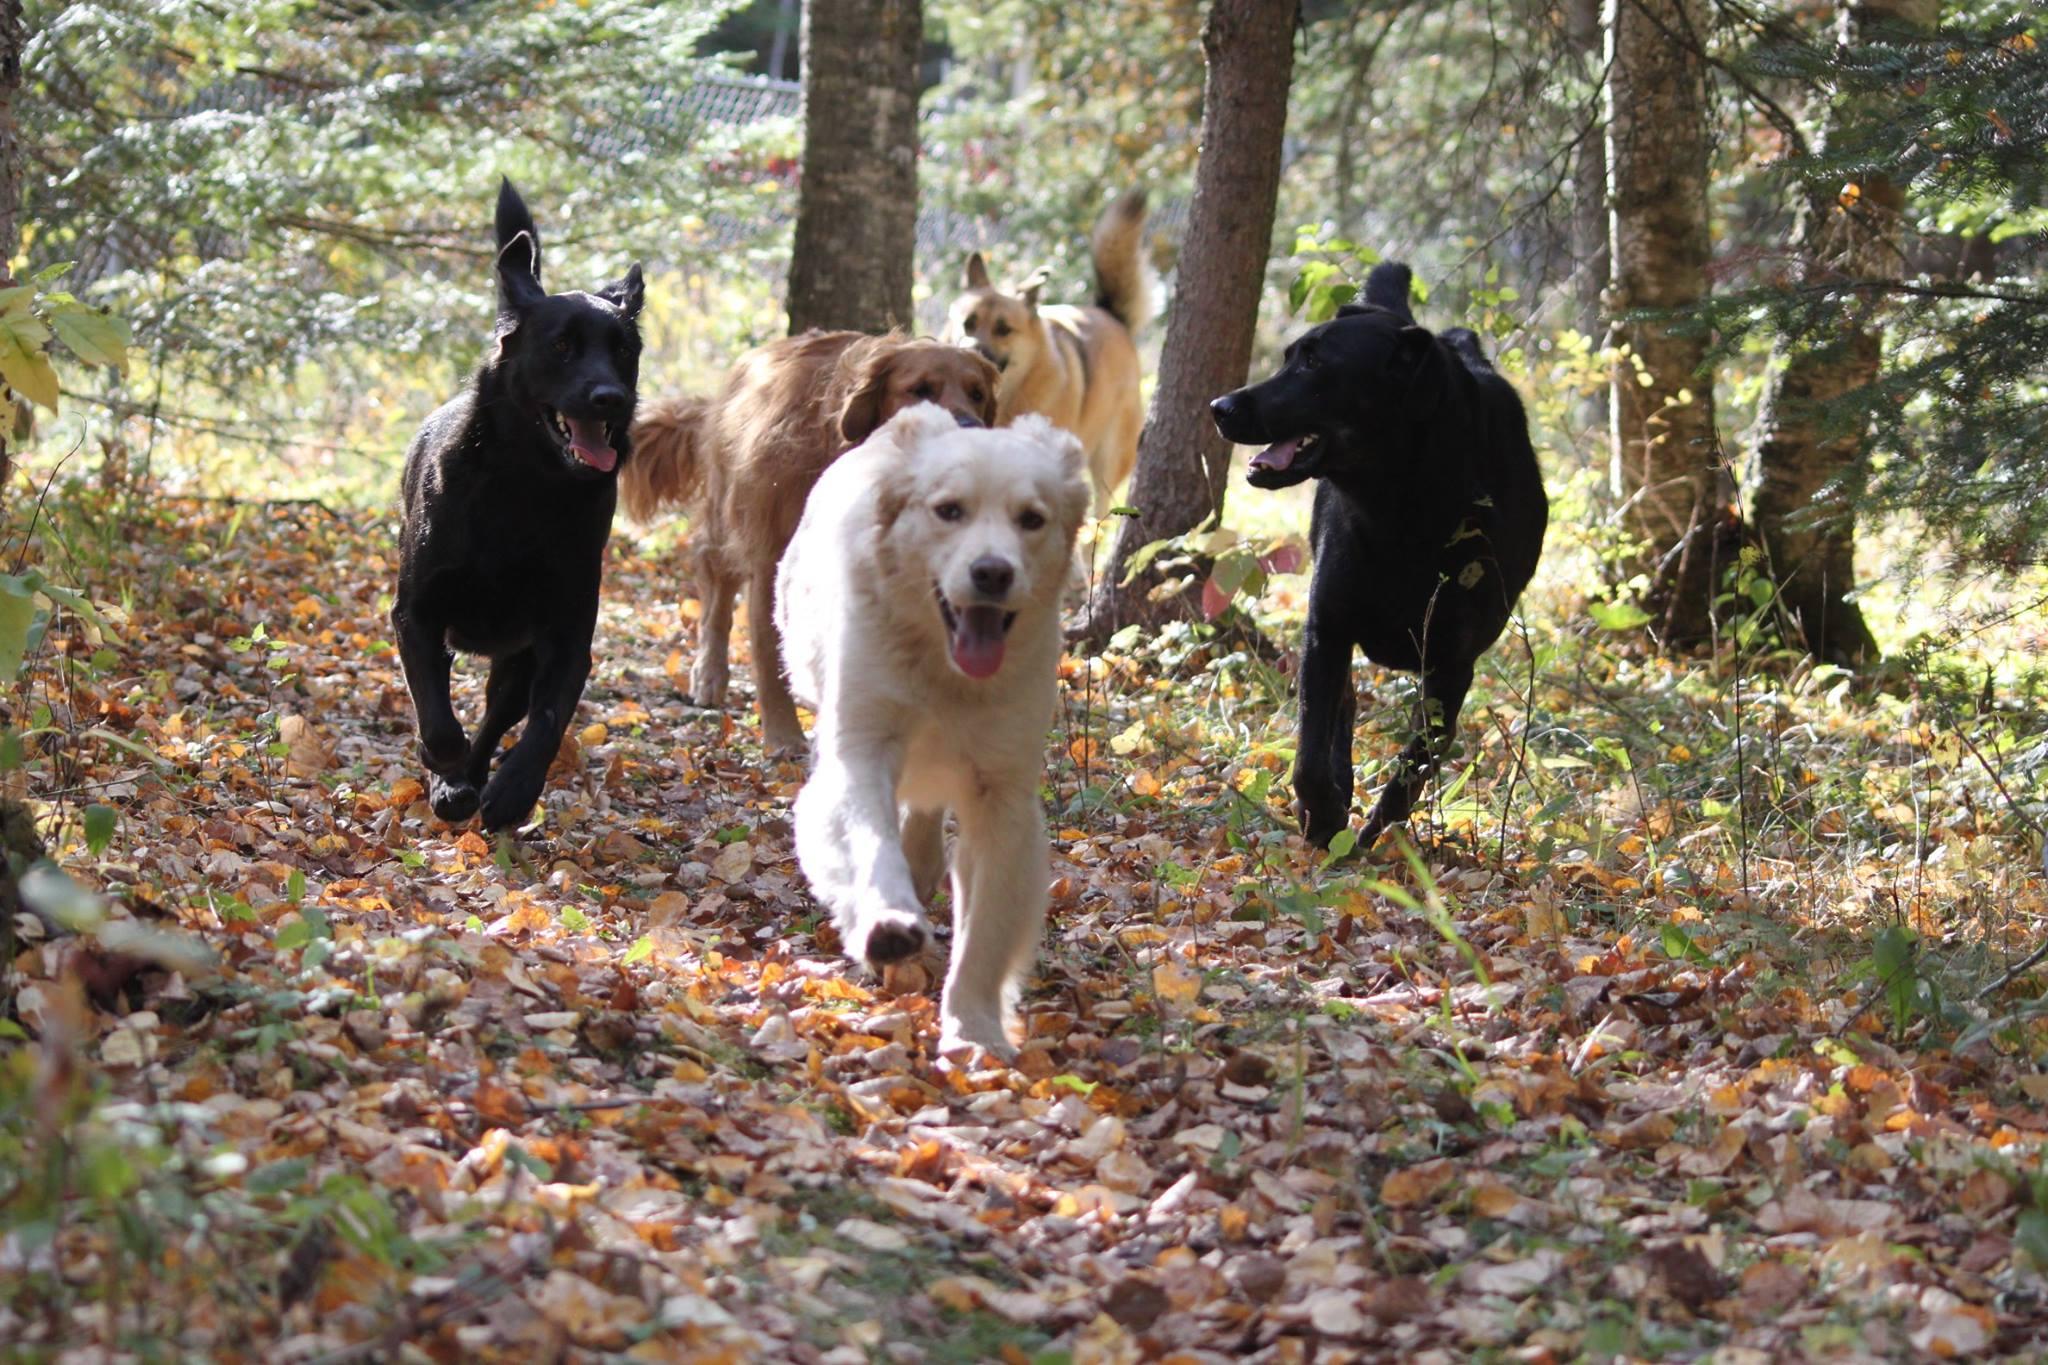 Enjoying an afternoon run